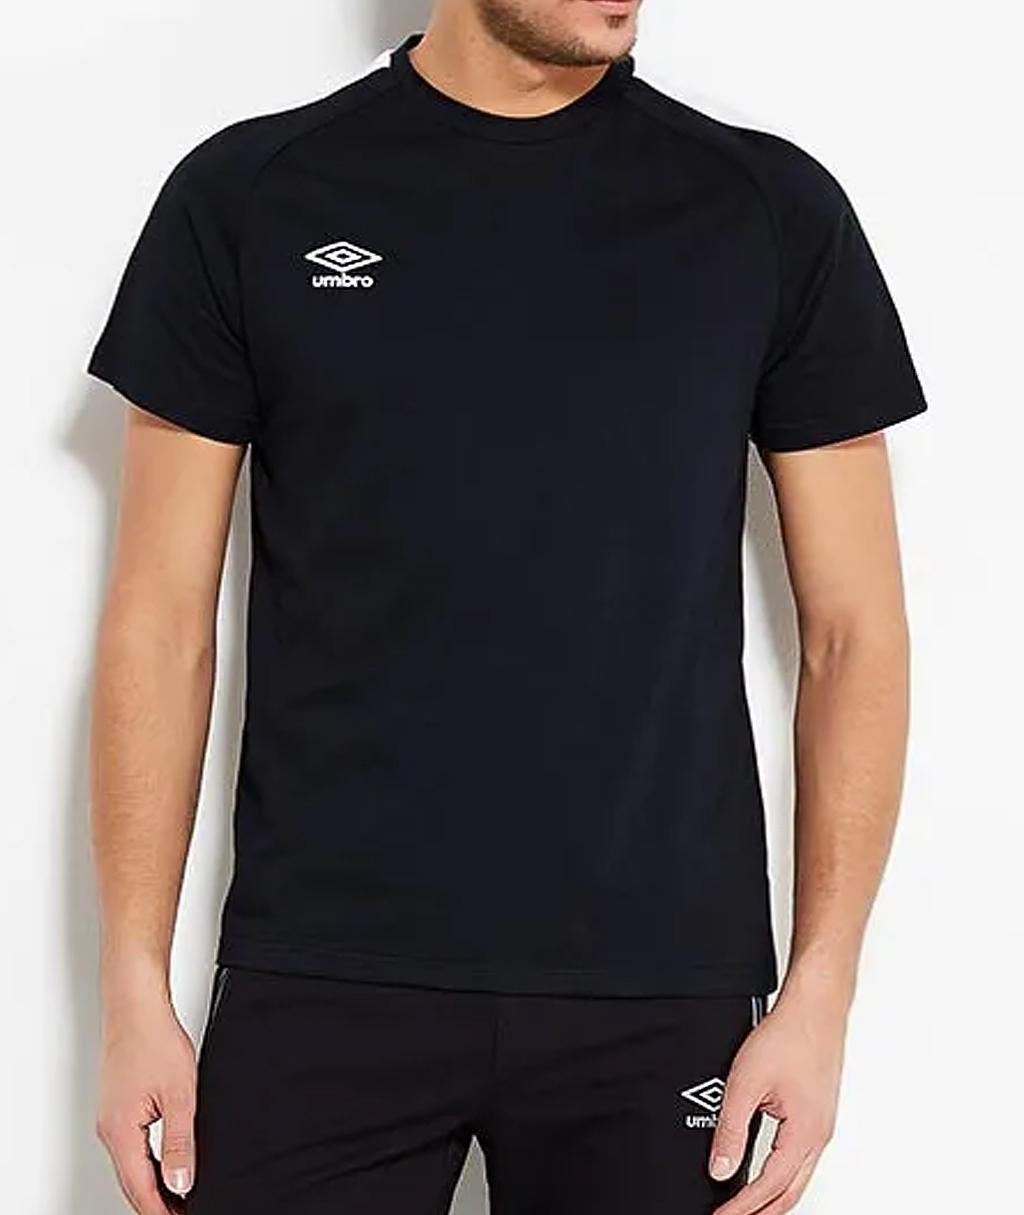 Купить футболку Umbro Avante Cotton Tee 310117 в интернет-магазине